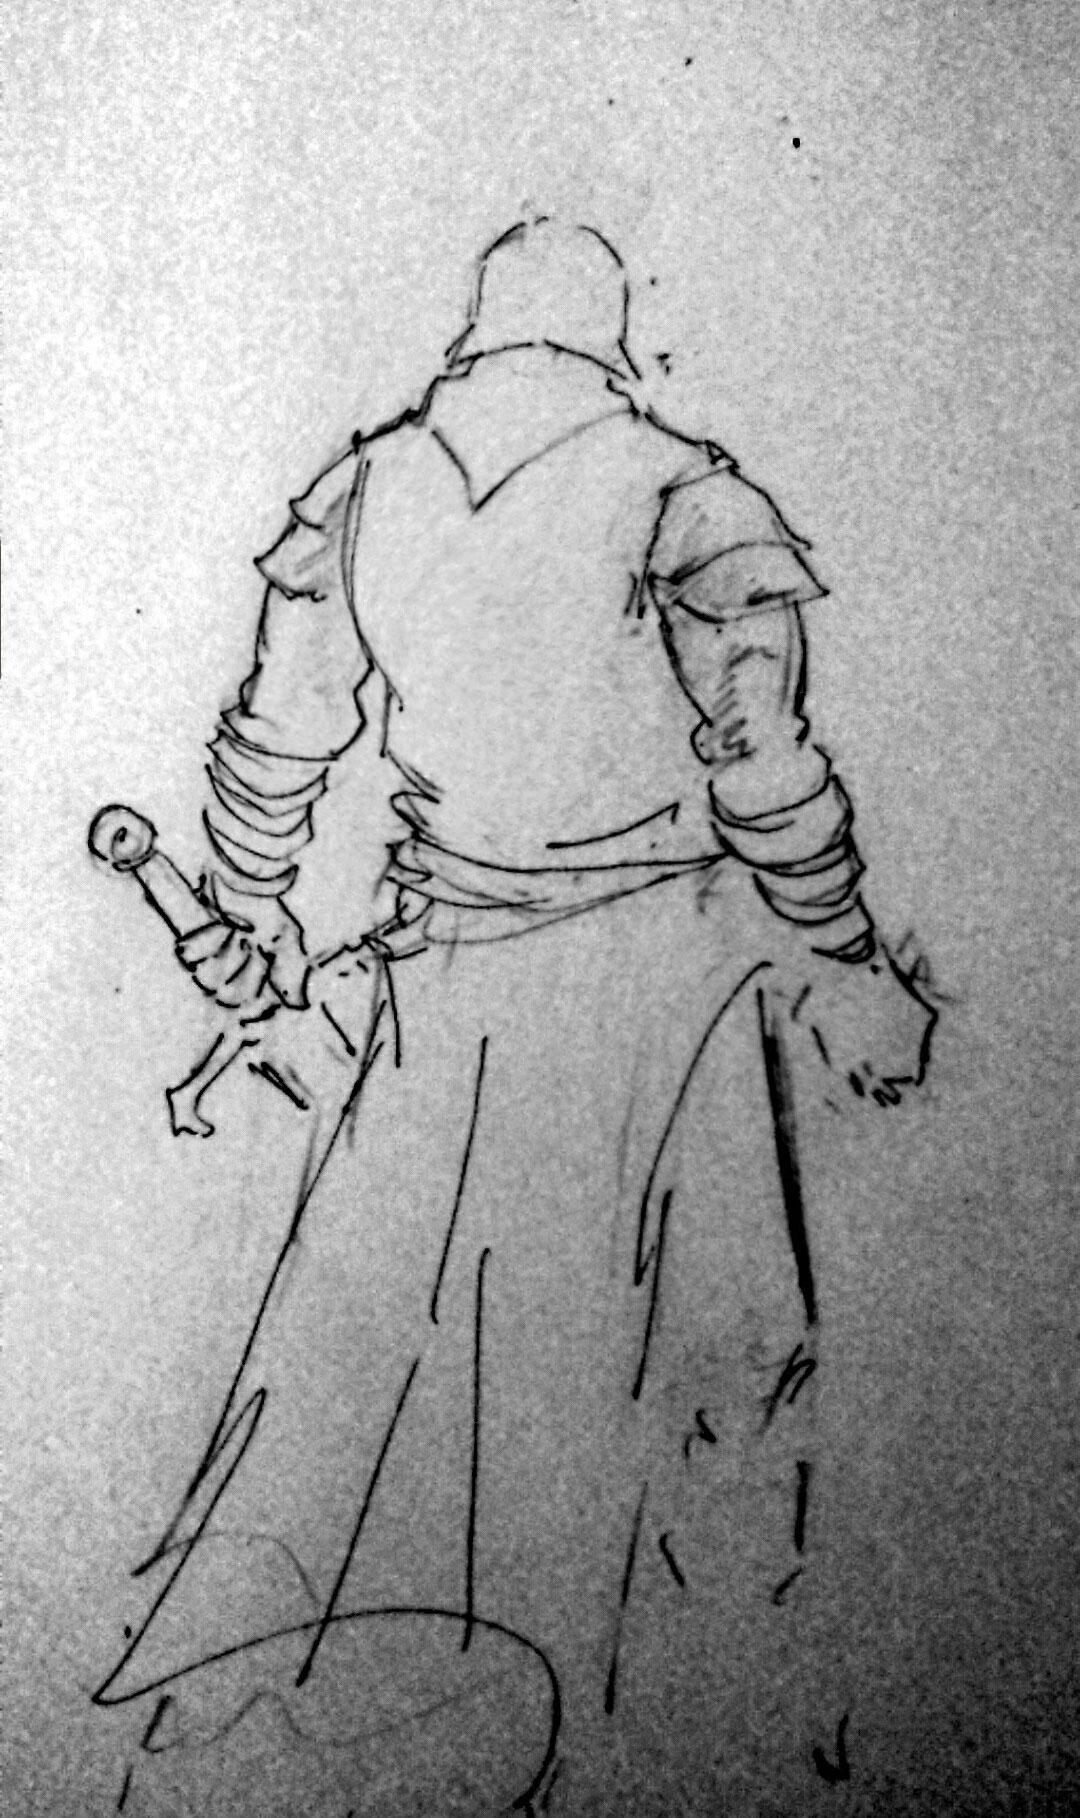 Galerie de dessins, illustrations, divers travaux...  - Page 6 1486129477-3